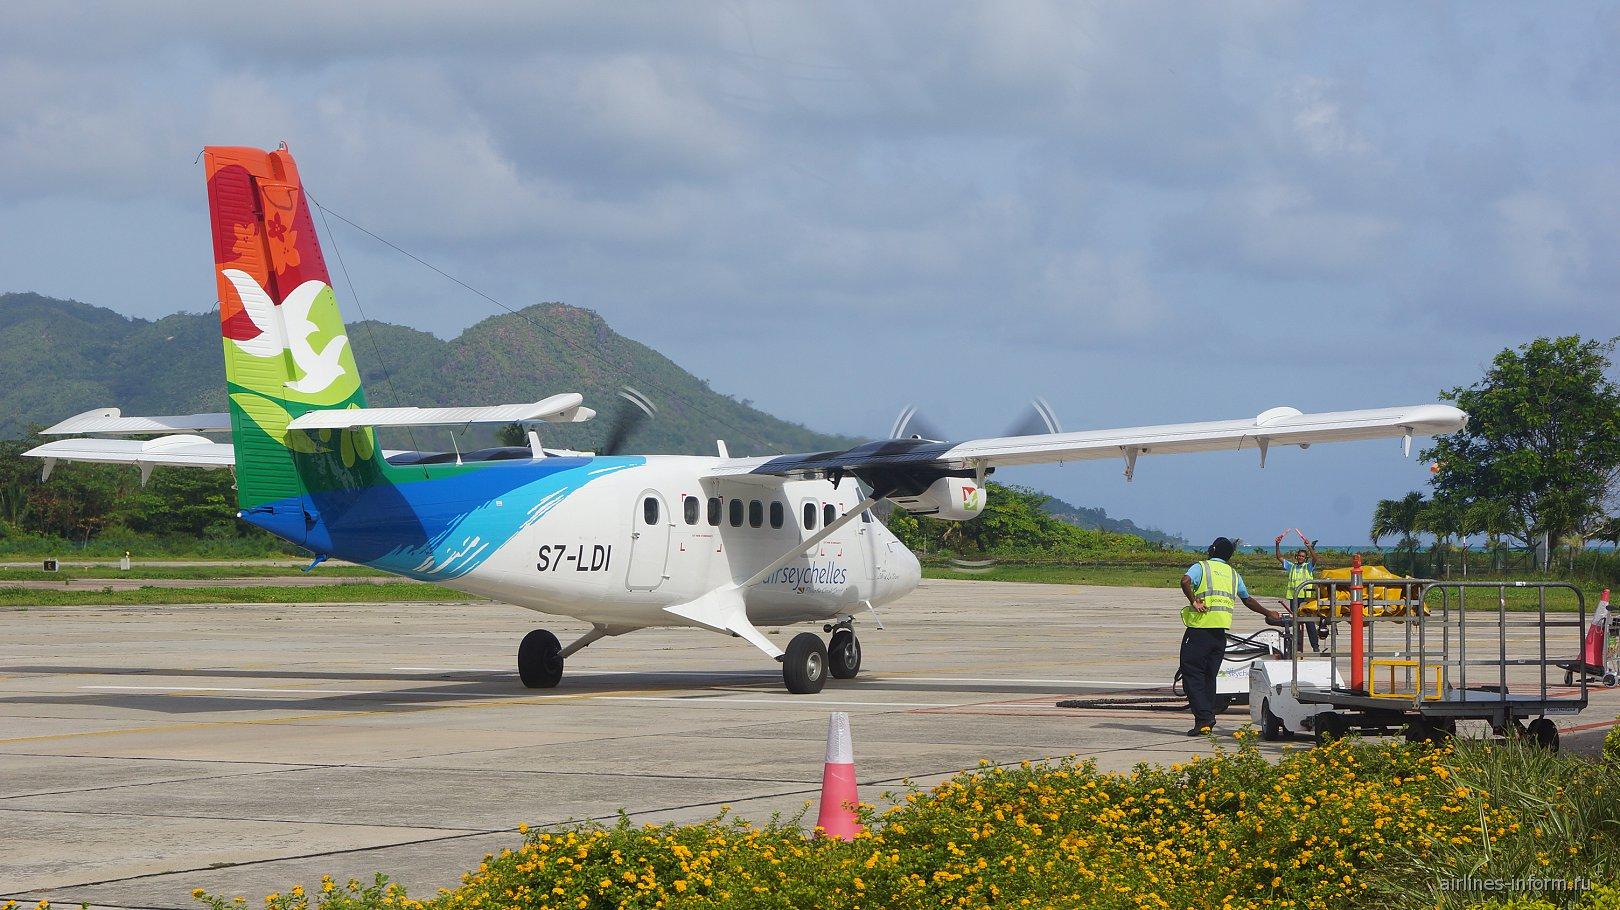 Самолет DHC-6 авиакомпании Air Seychelles в аэропорту Праслен